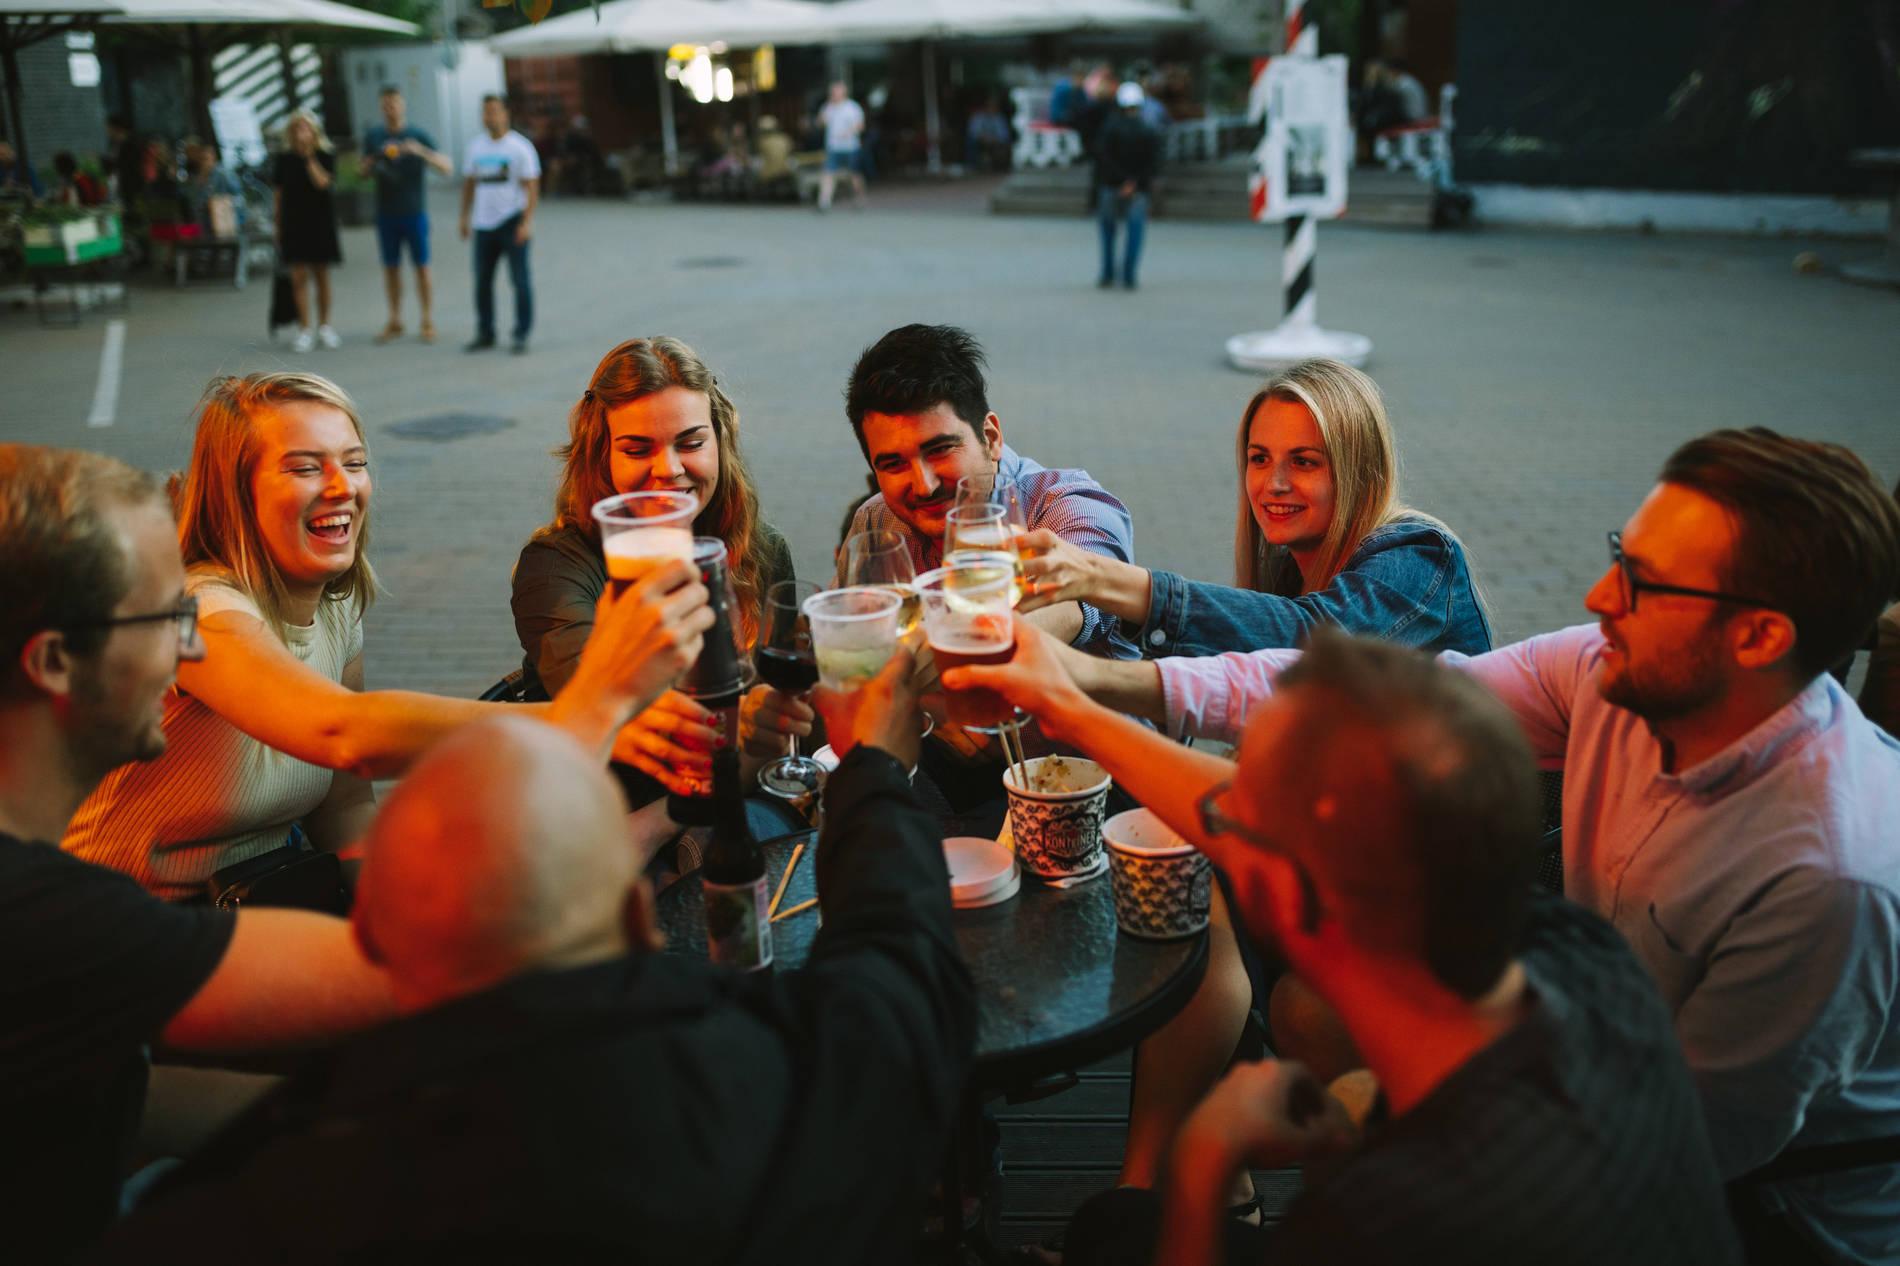 Friends in a bar in Telliskivi